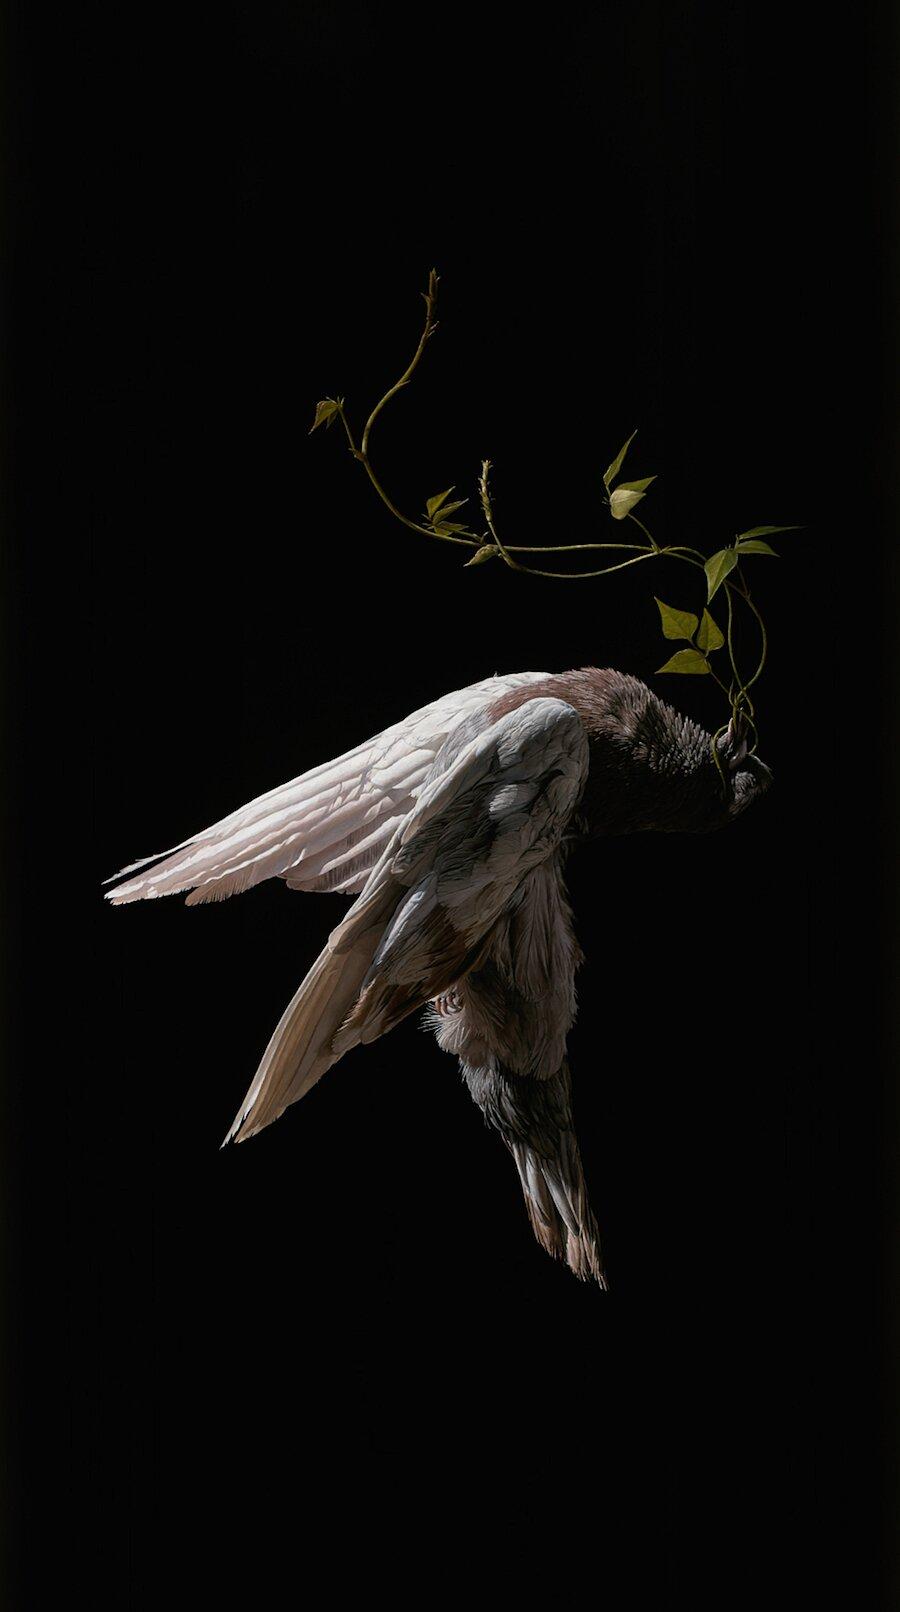 dipinti-surreali-cosmonauti-uccelli-jeremy-geddes-12